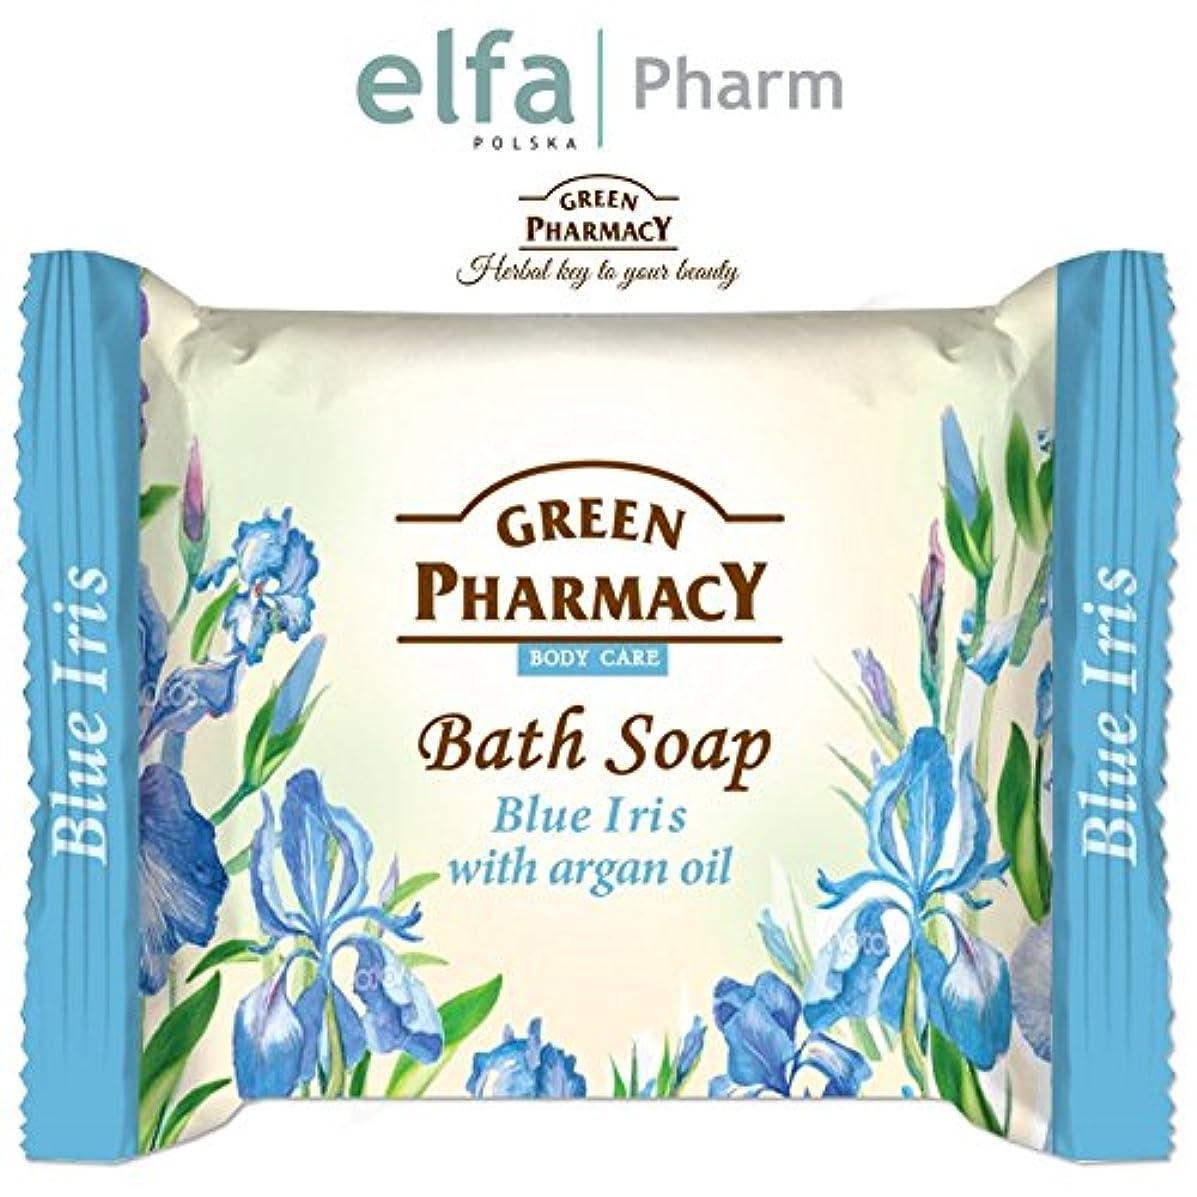 毒無一文バーター石鹸 固形 安心?安全 古代からのハーブの知識を生かして作られた固形せっけん ポーランドのグリーンファーマシー elfa Pharm Green Pharmacy Bath Soap Blue Iris with Argan...